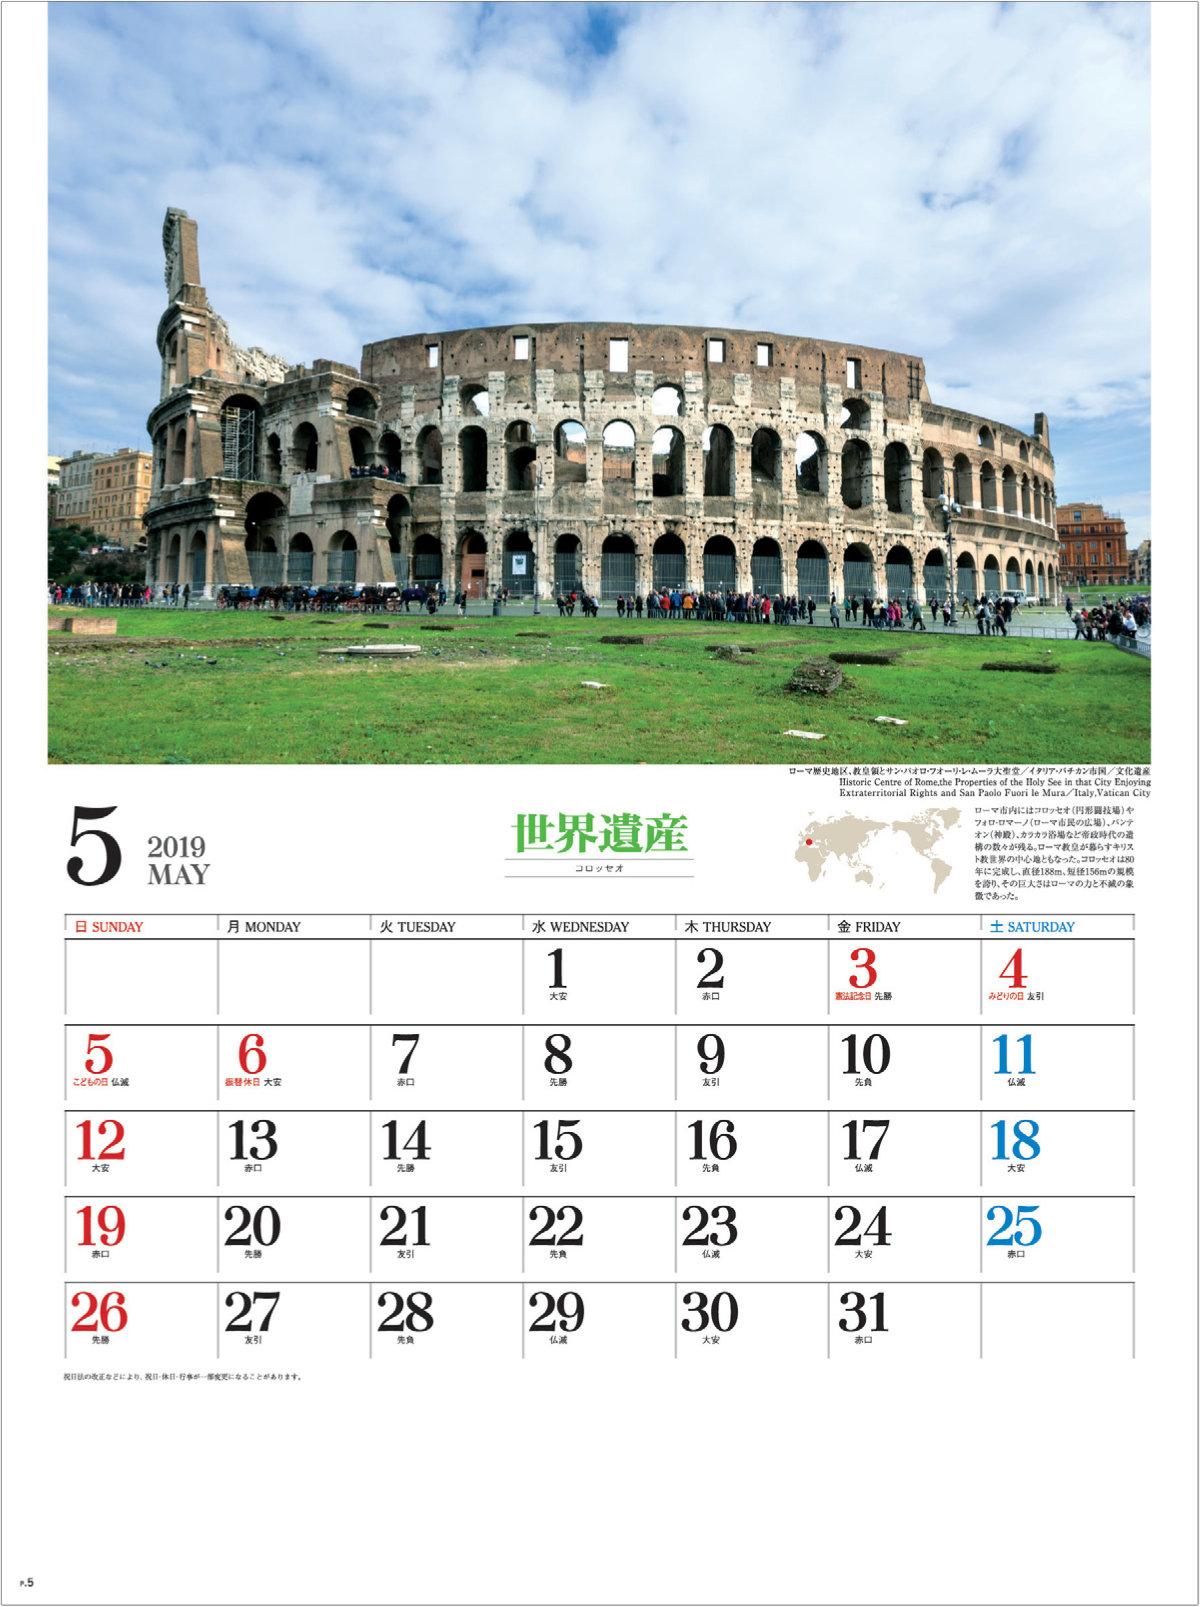 イタリア・バチカン ローマ歴史地区 ユネスコ世界遺産 2019年カレンダーの画像